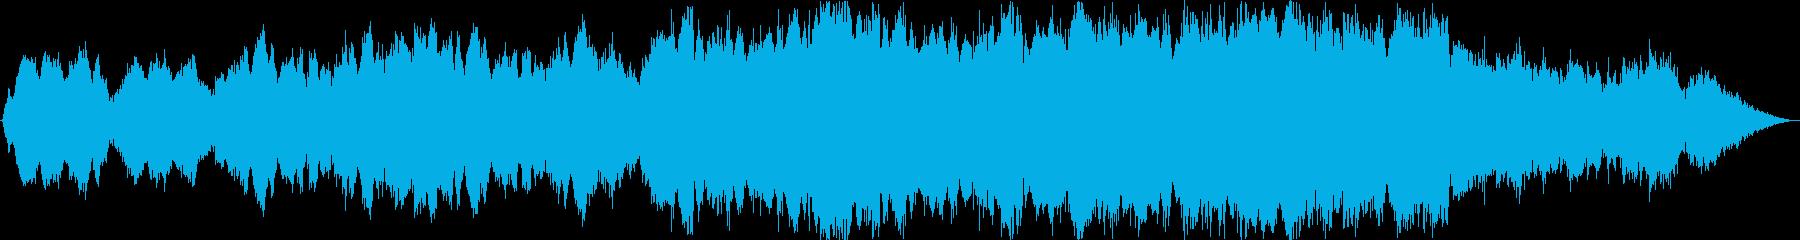 アメイジンググレイス/オペラ,コーラスの再生済みの波形